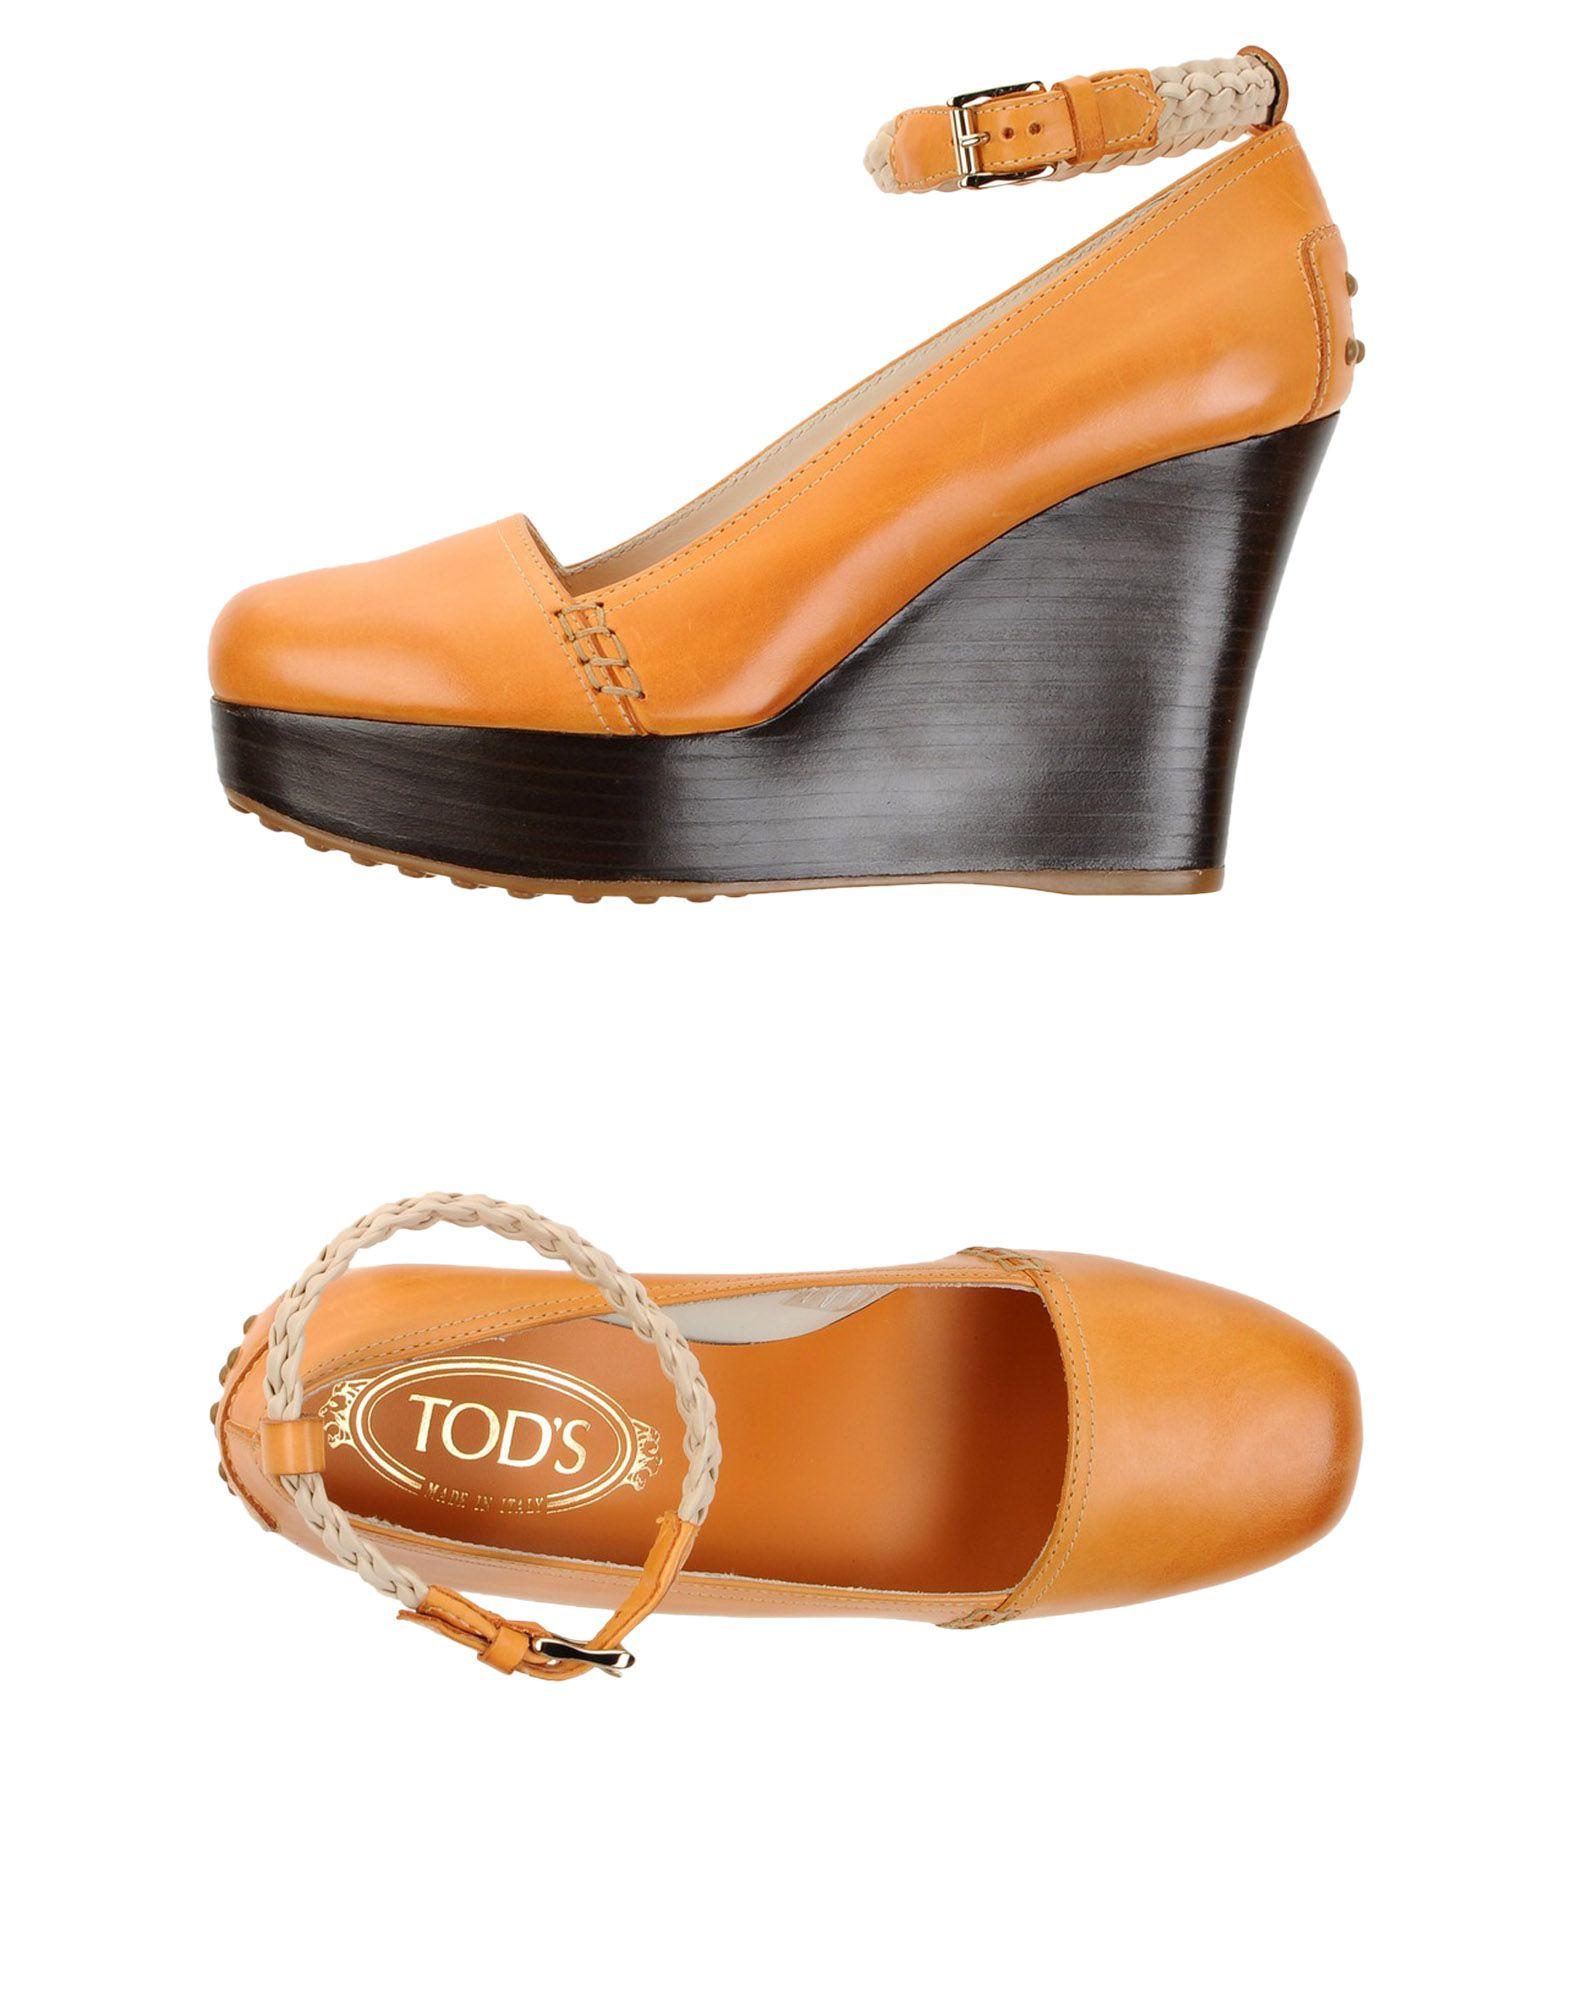 Moda Décolleté Tod's Donna Donna Tod's - 44755172MX 2c0172